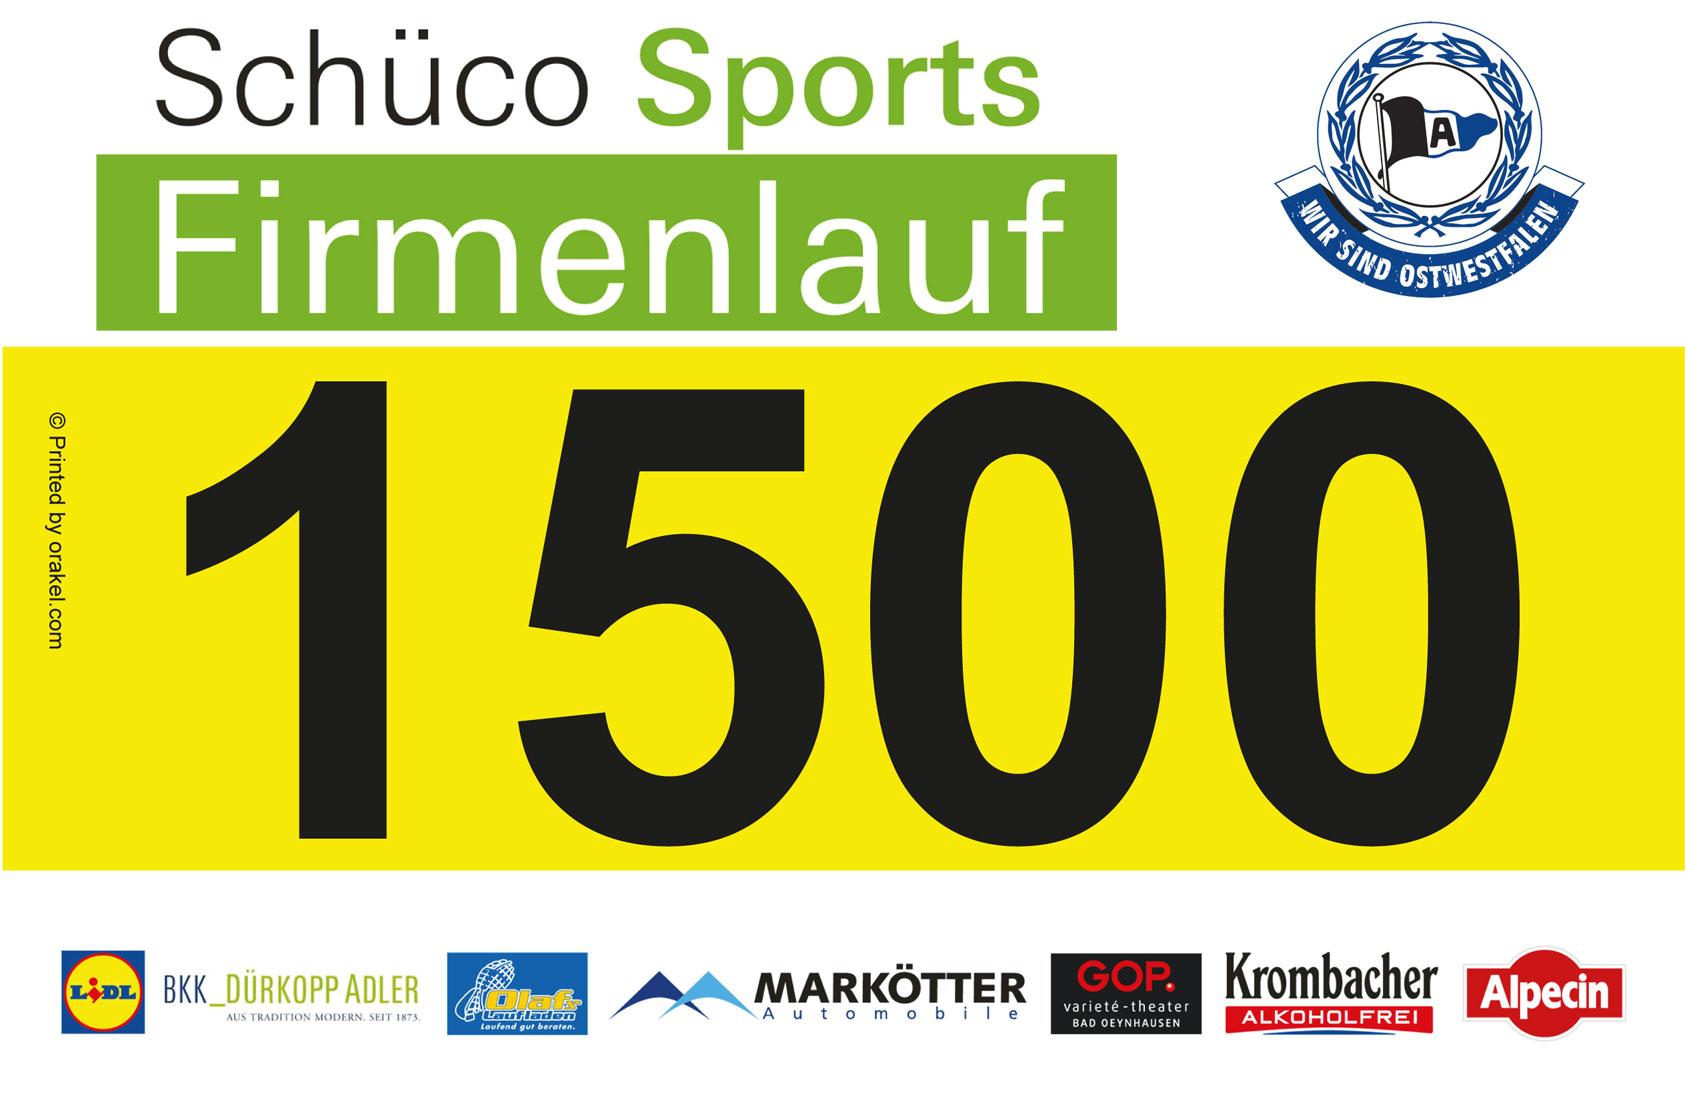 Schueco-Sports-Firmenlauf-Nummer